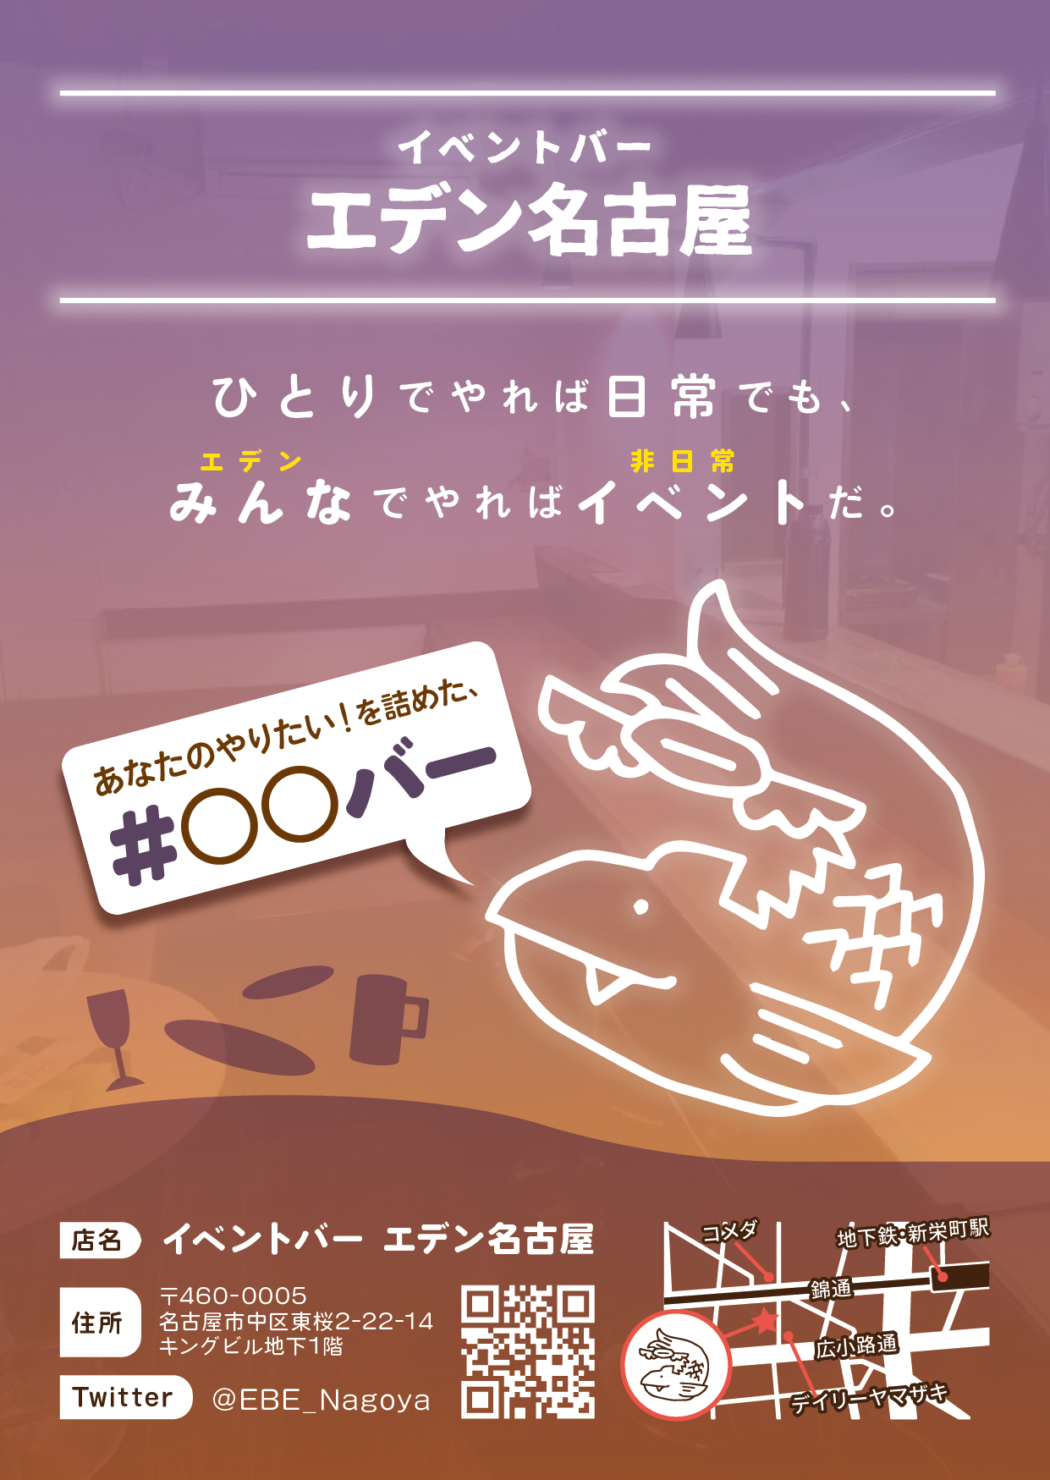 イベントバーエデン名古屋 さま チラシ(表)